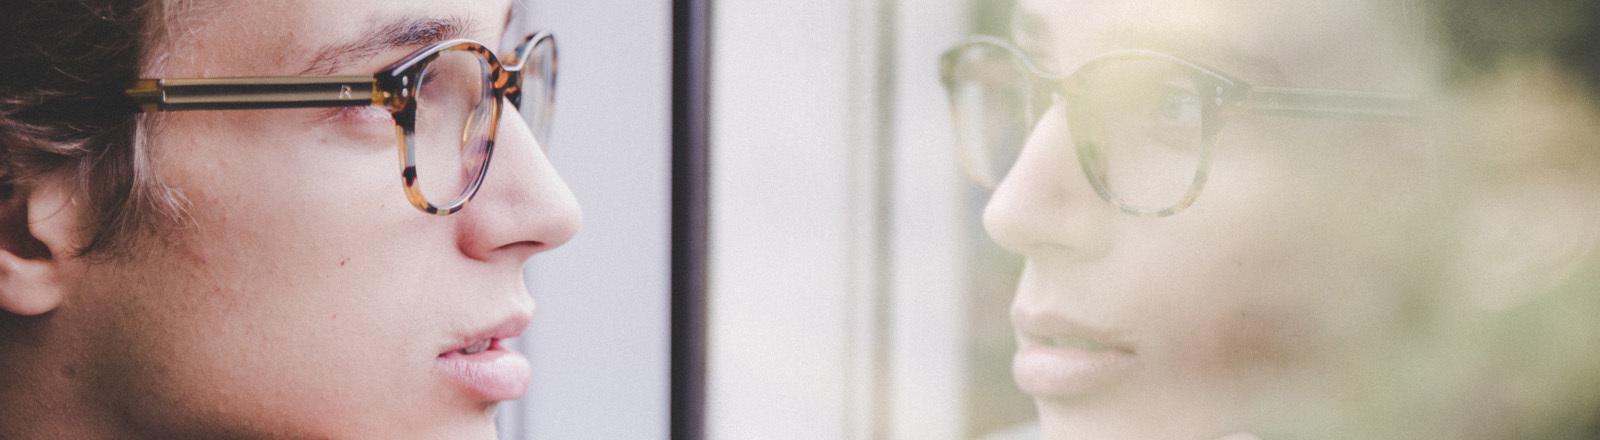 Junger Mann sieht im Fenster sein Spiegelbild